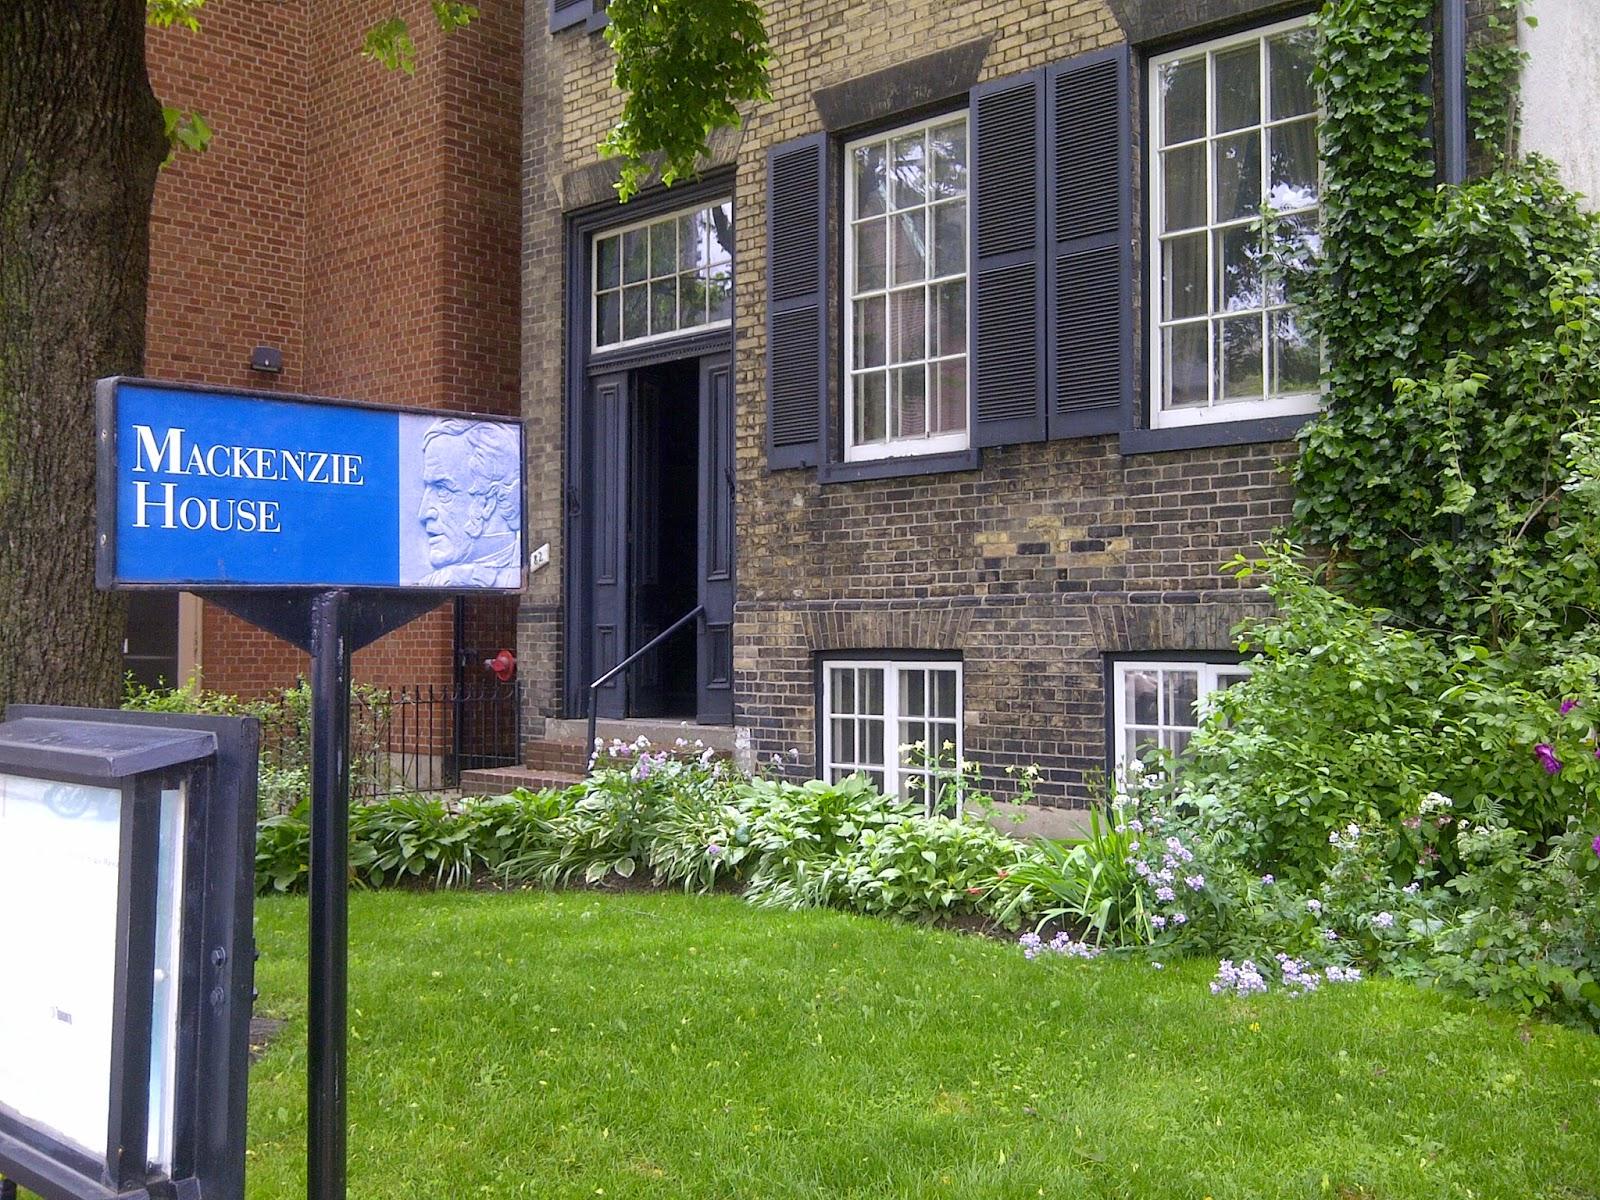 Mackenzie House Museum, Toronto